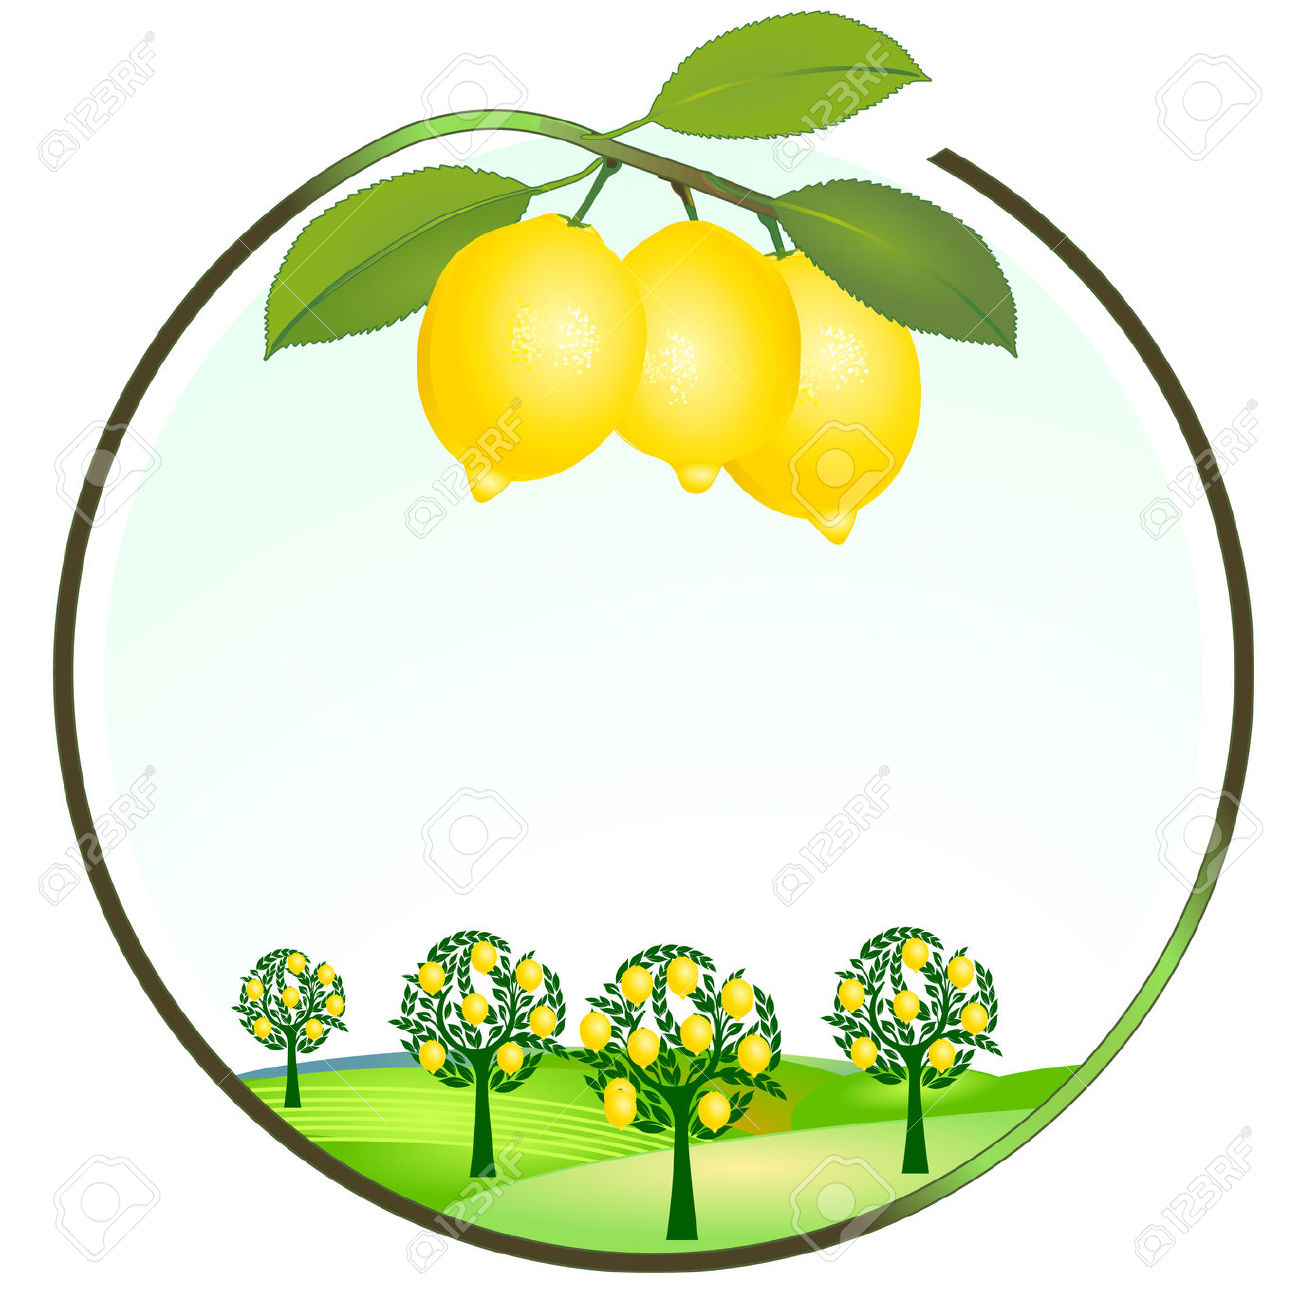 Lemon clipart kiaavto